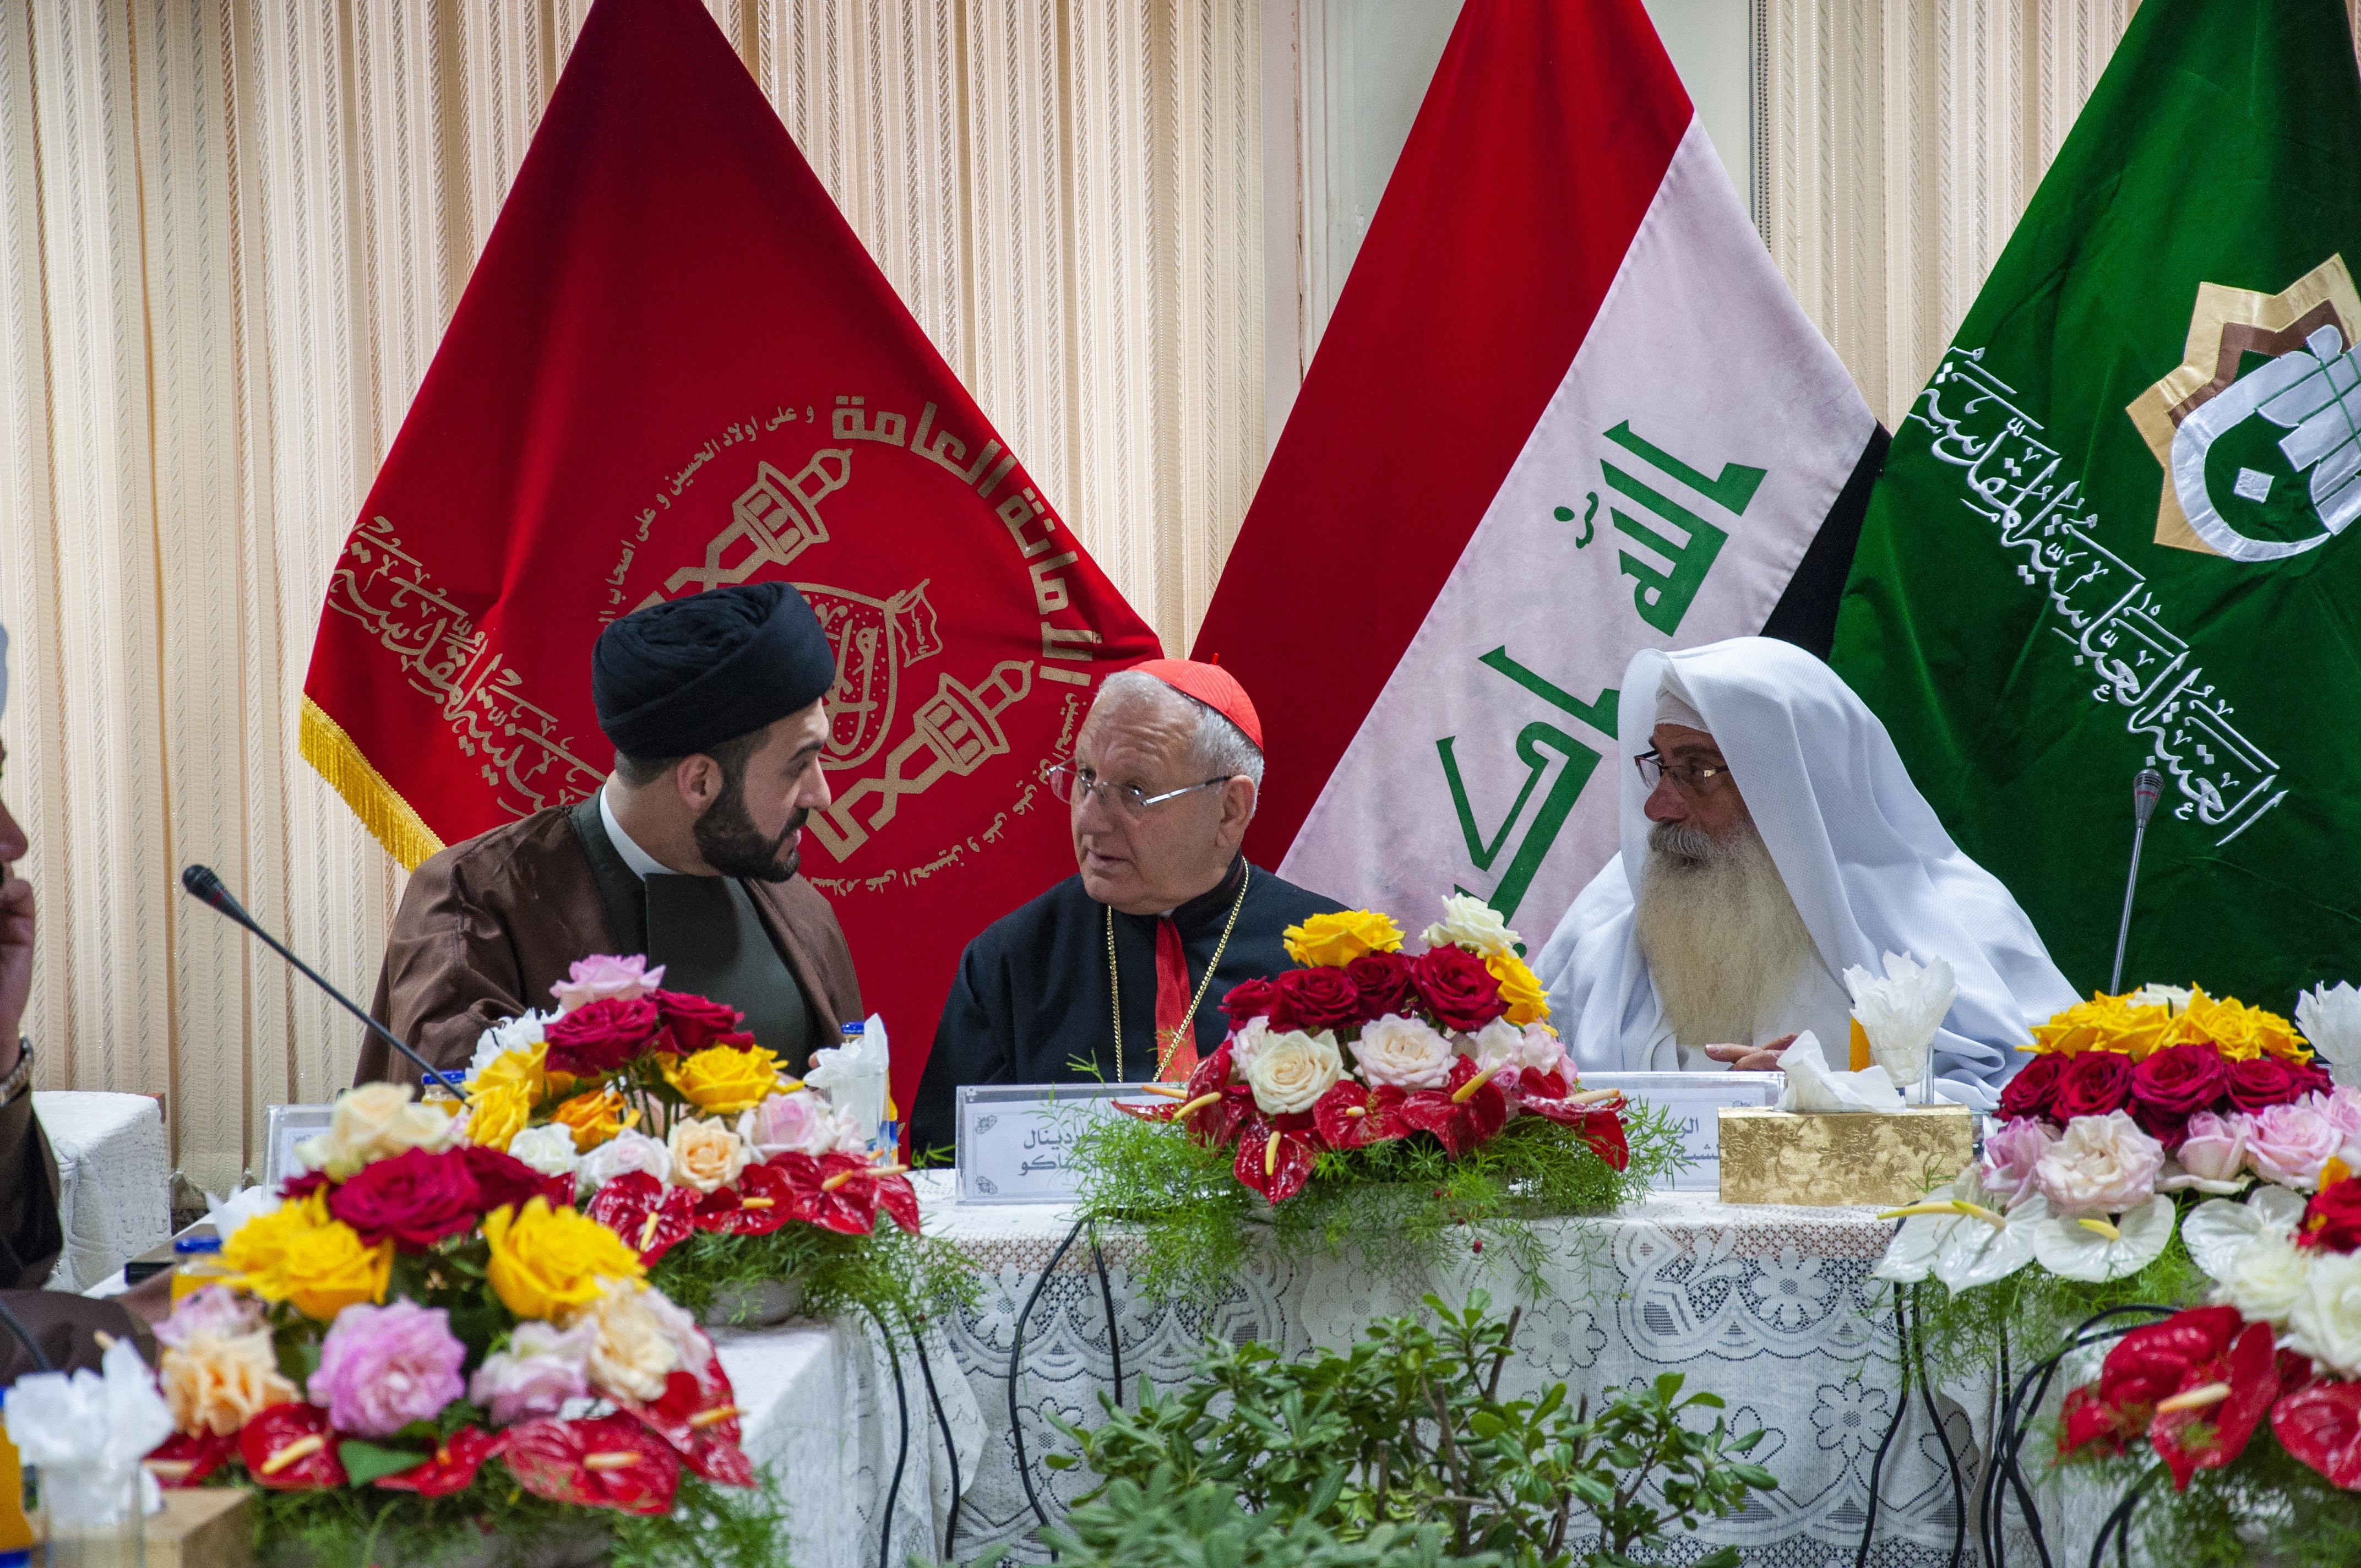 زعماء الطوائف الدينية يجتمعون في كربلاء.. ورسالة من مرقد الامام الحسين للرئاسات الثلاث